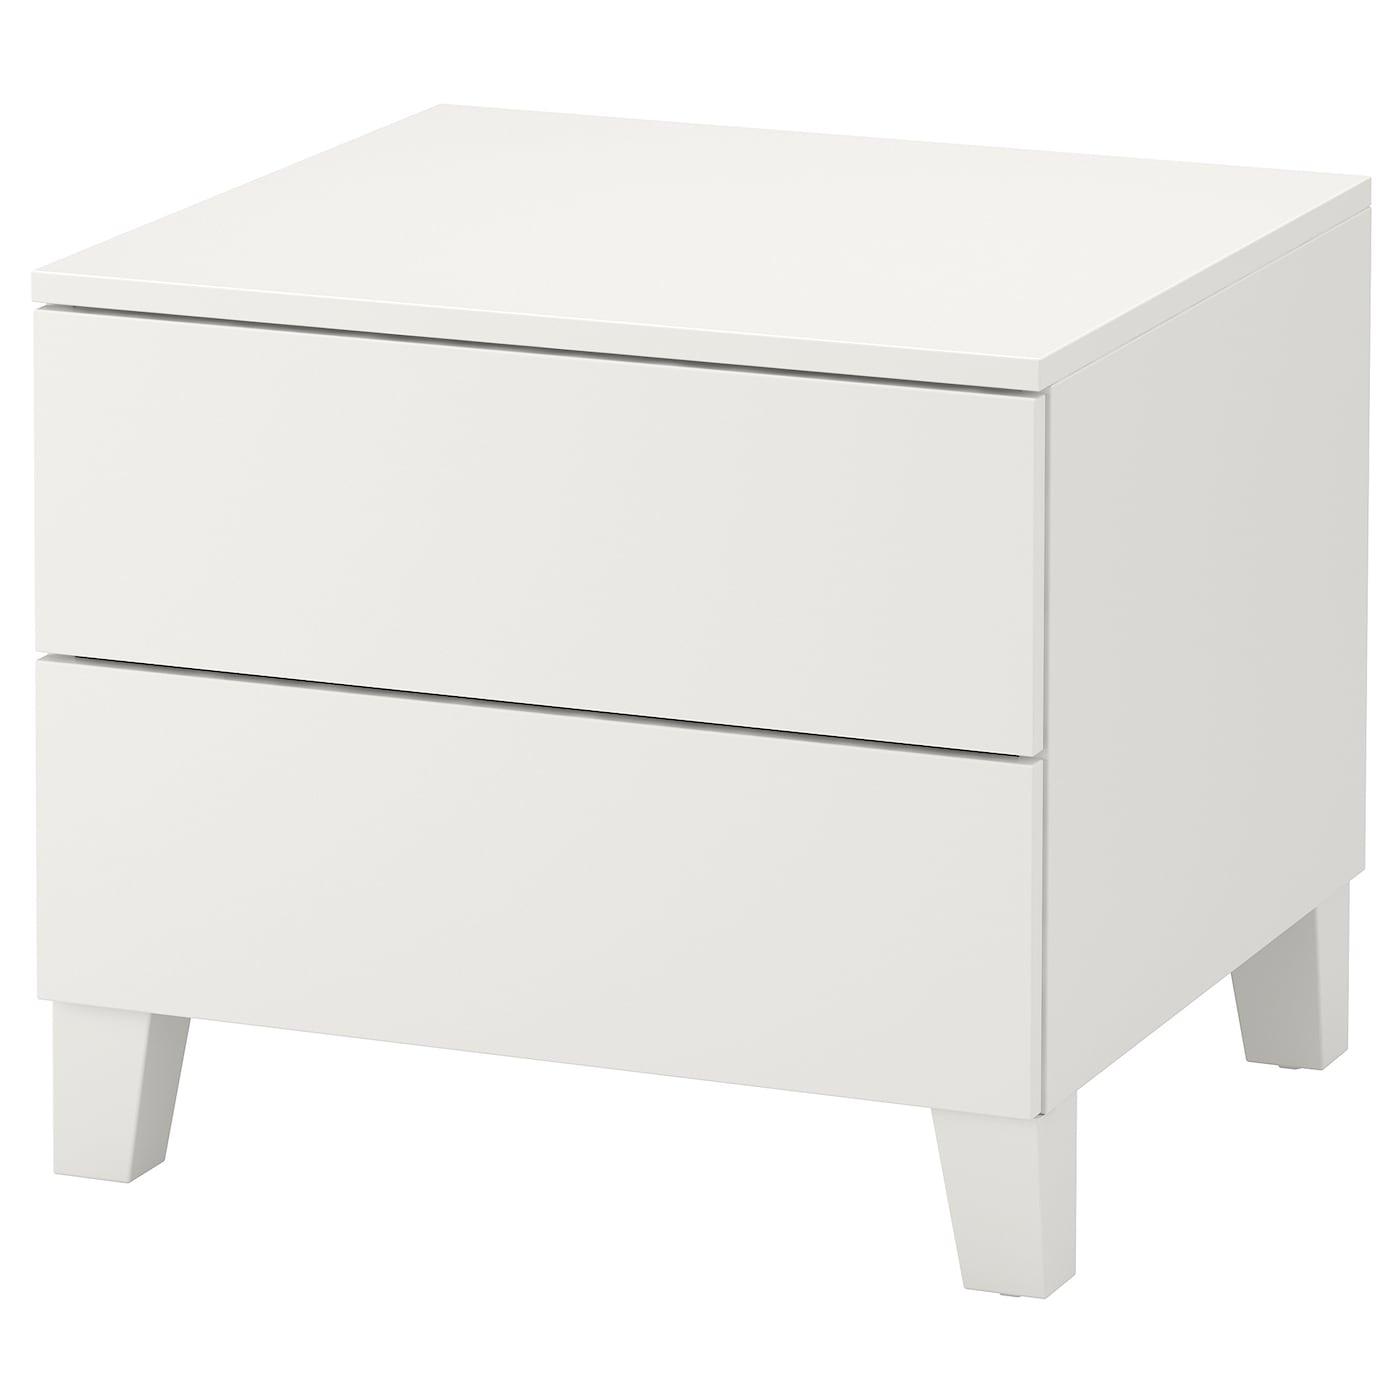 PLATSA, Kommode mit 2 Schubladen, weiß 092.772.11